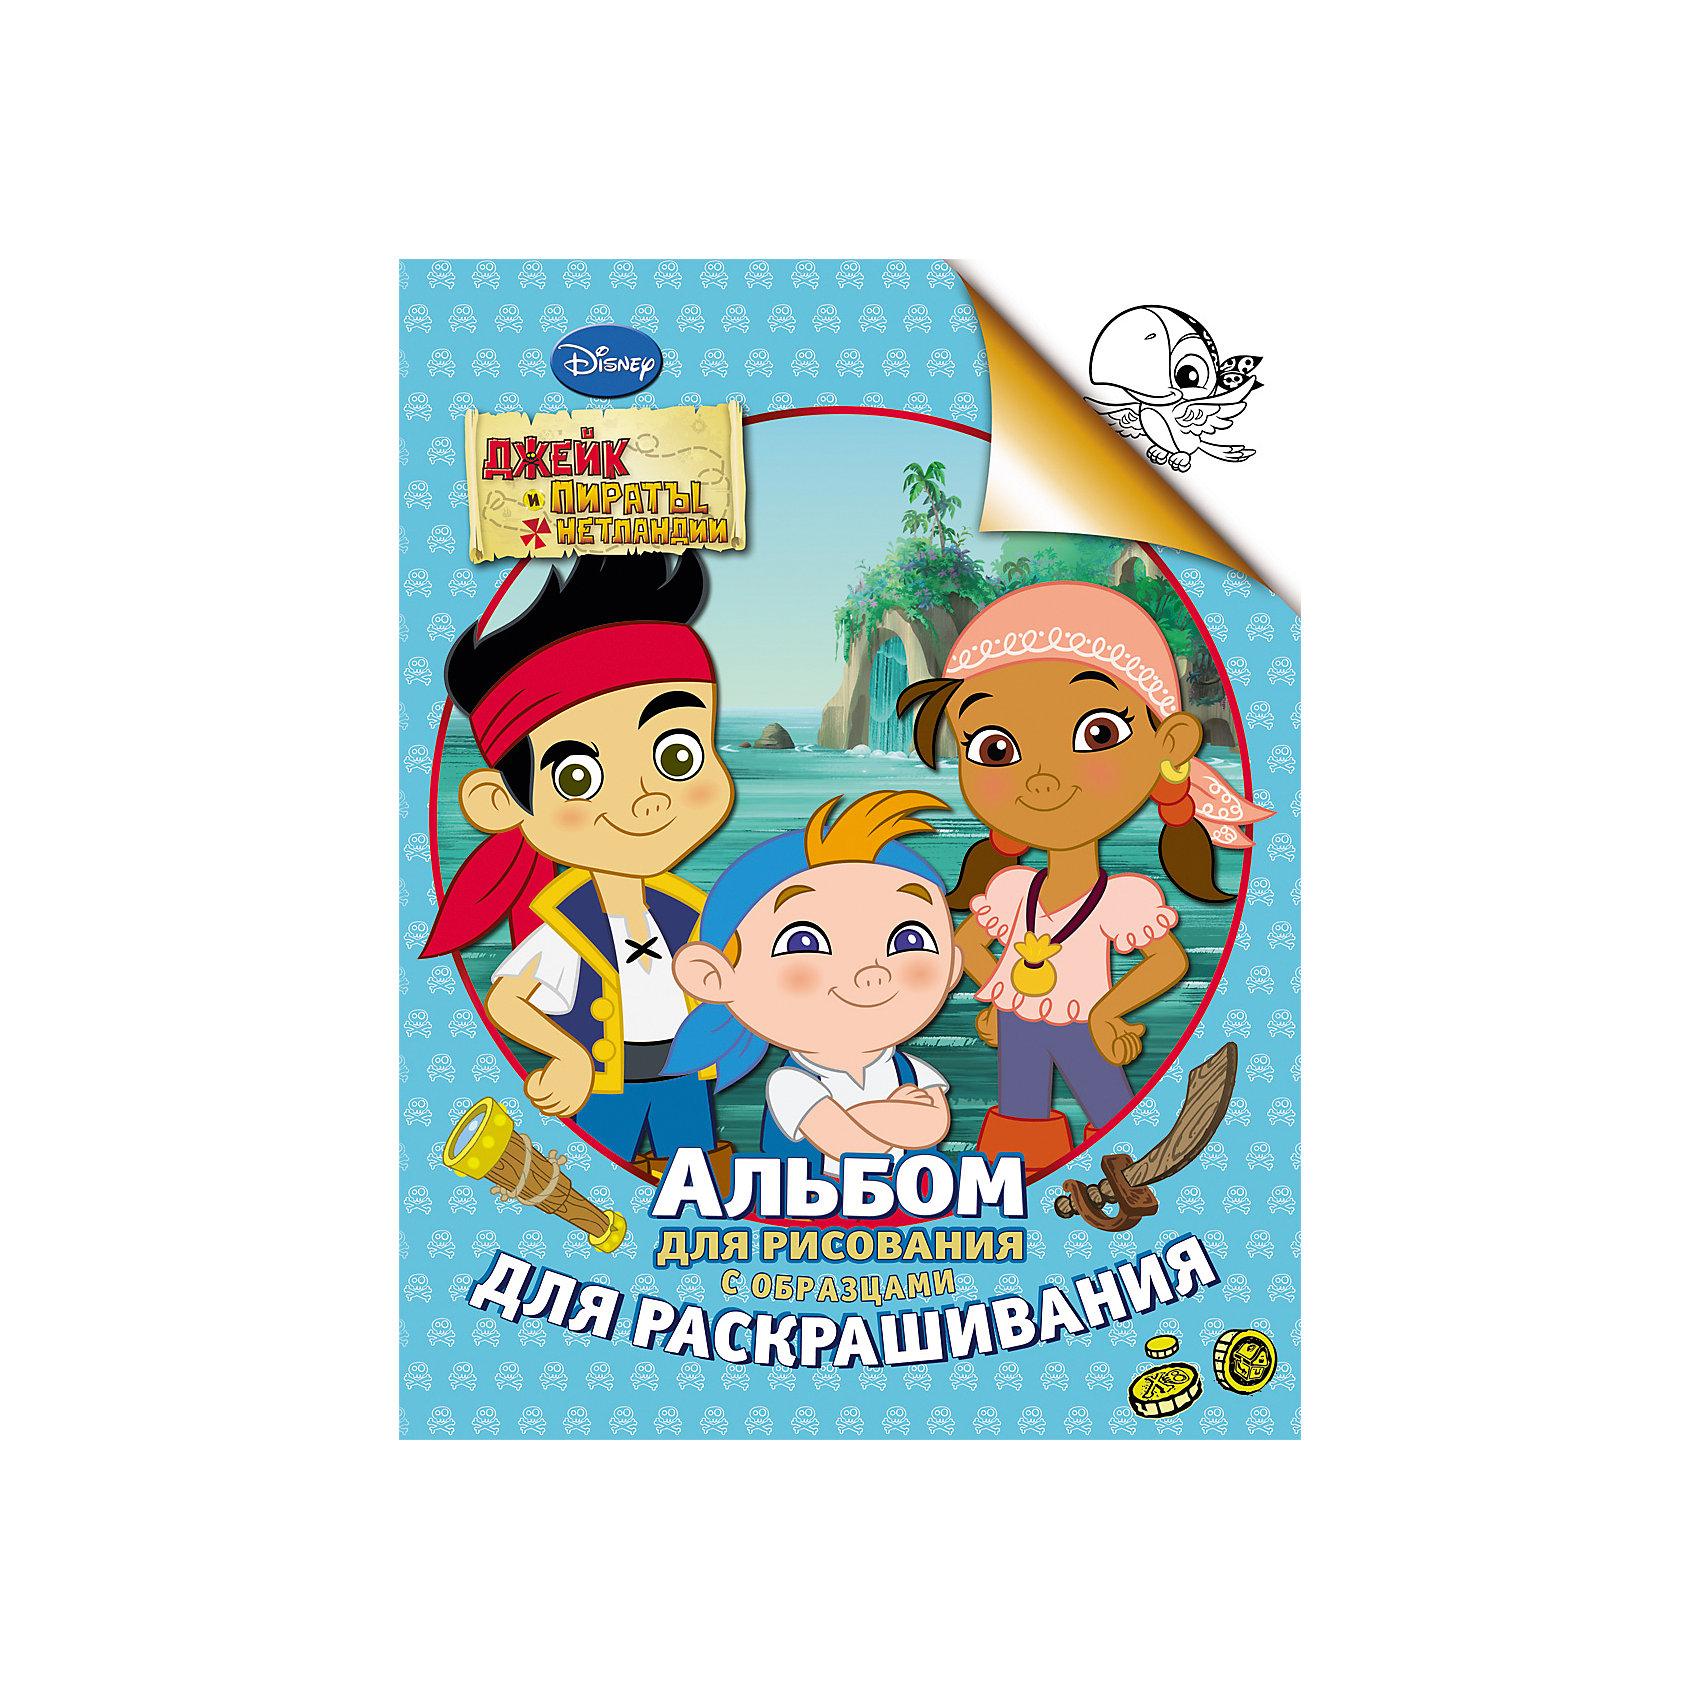 Альбом для рисования и раскрашивания, Disney Джейк и пираты